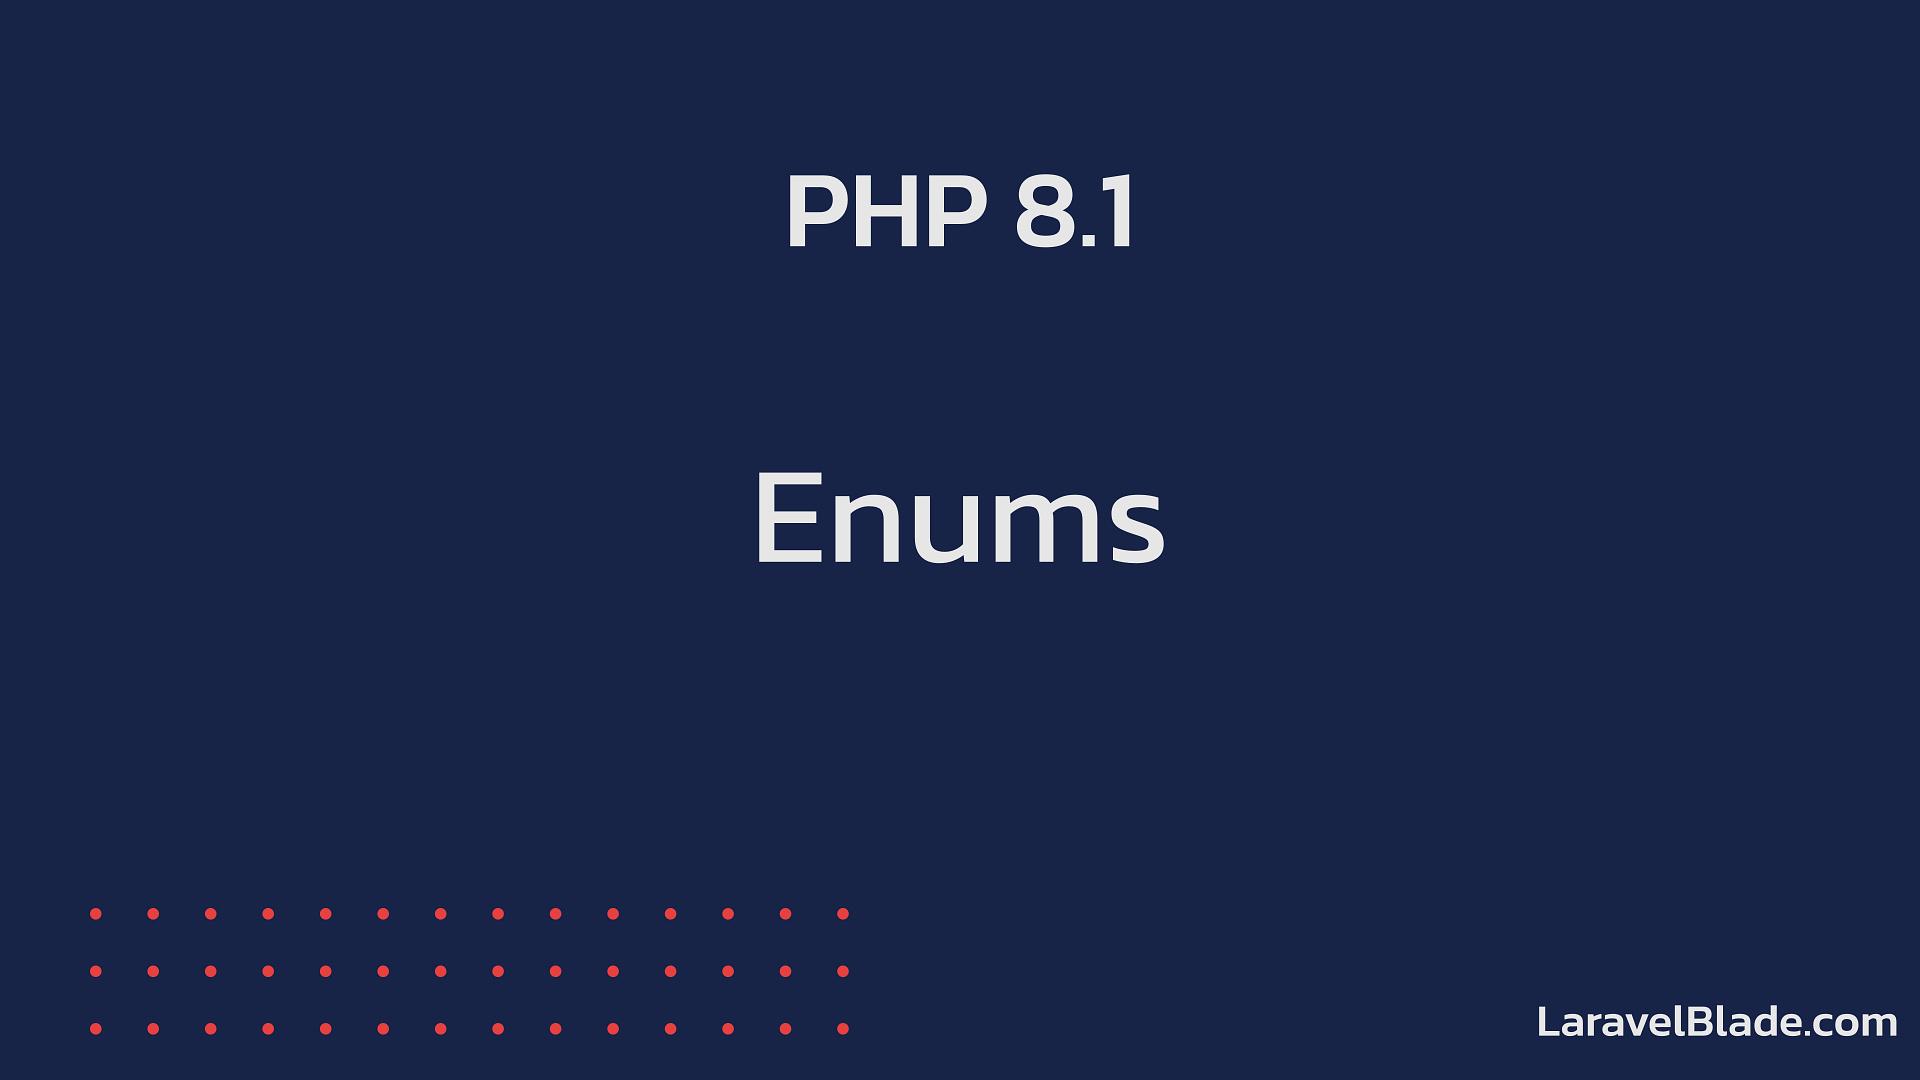 PHP 8.1 - Enums